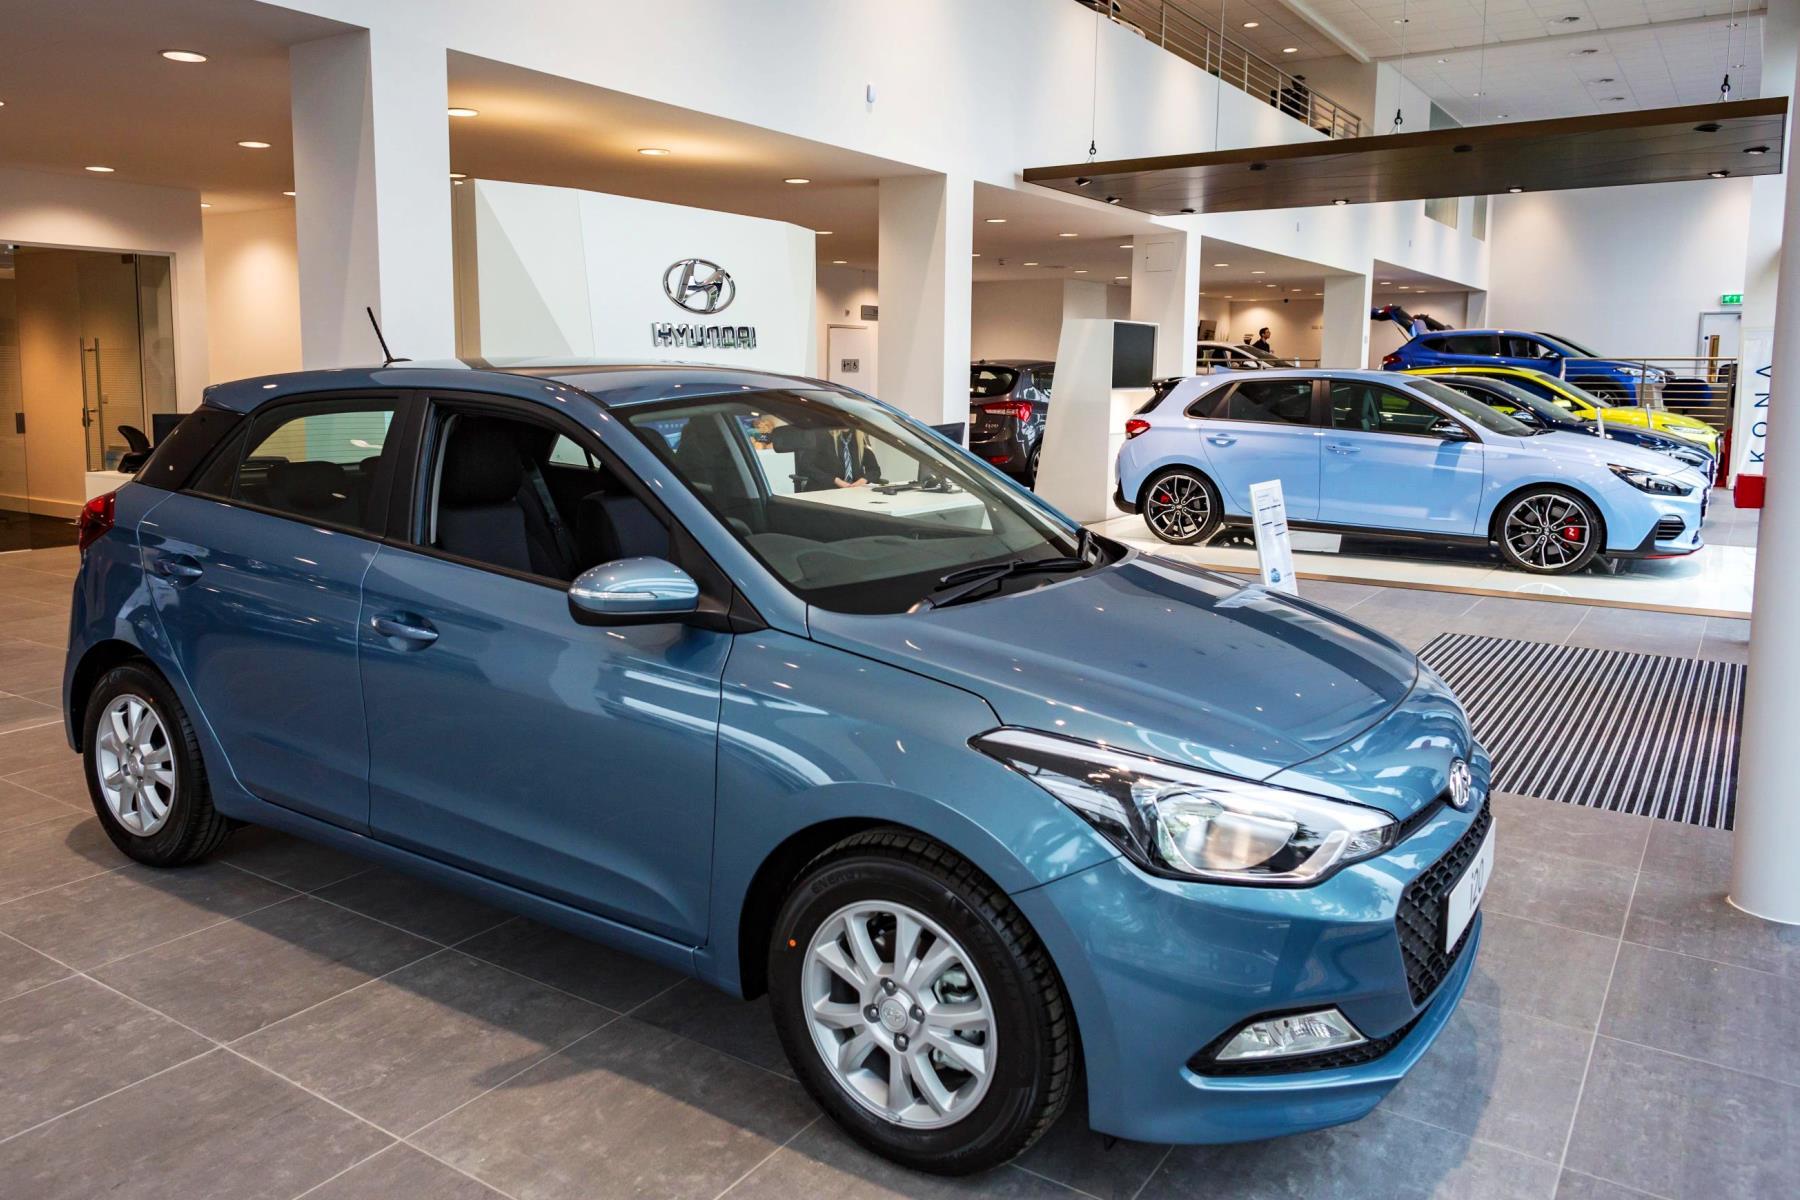 Hyundai North London